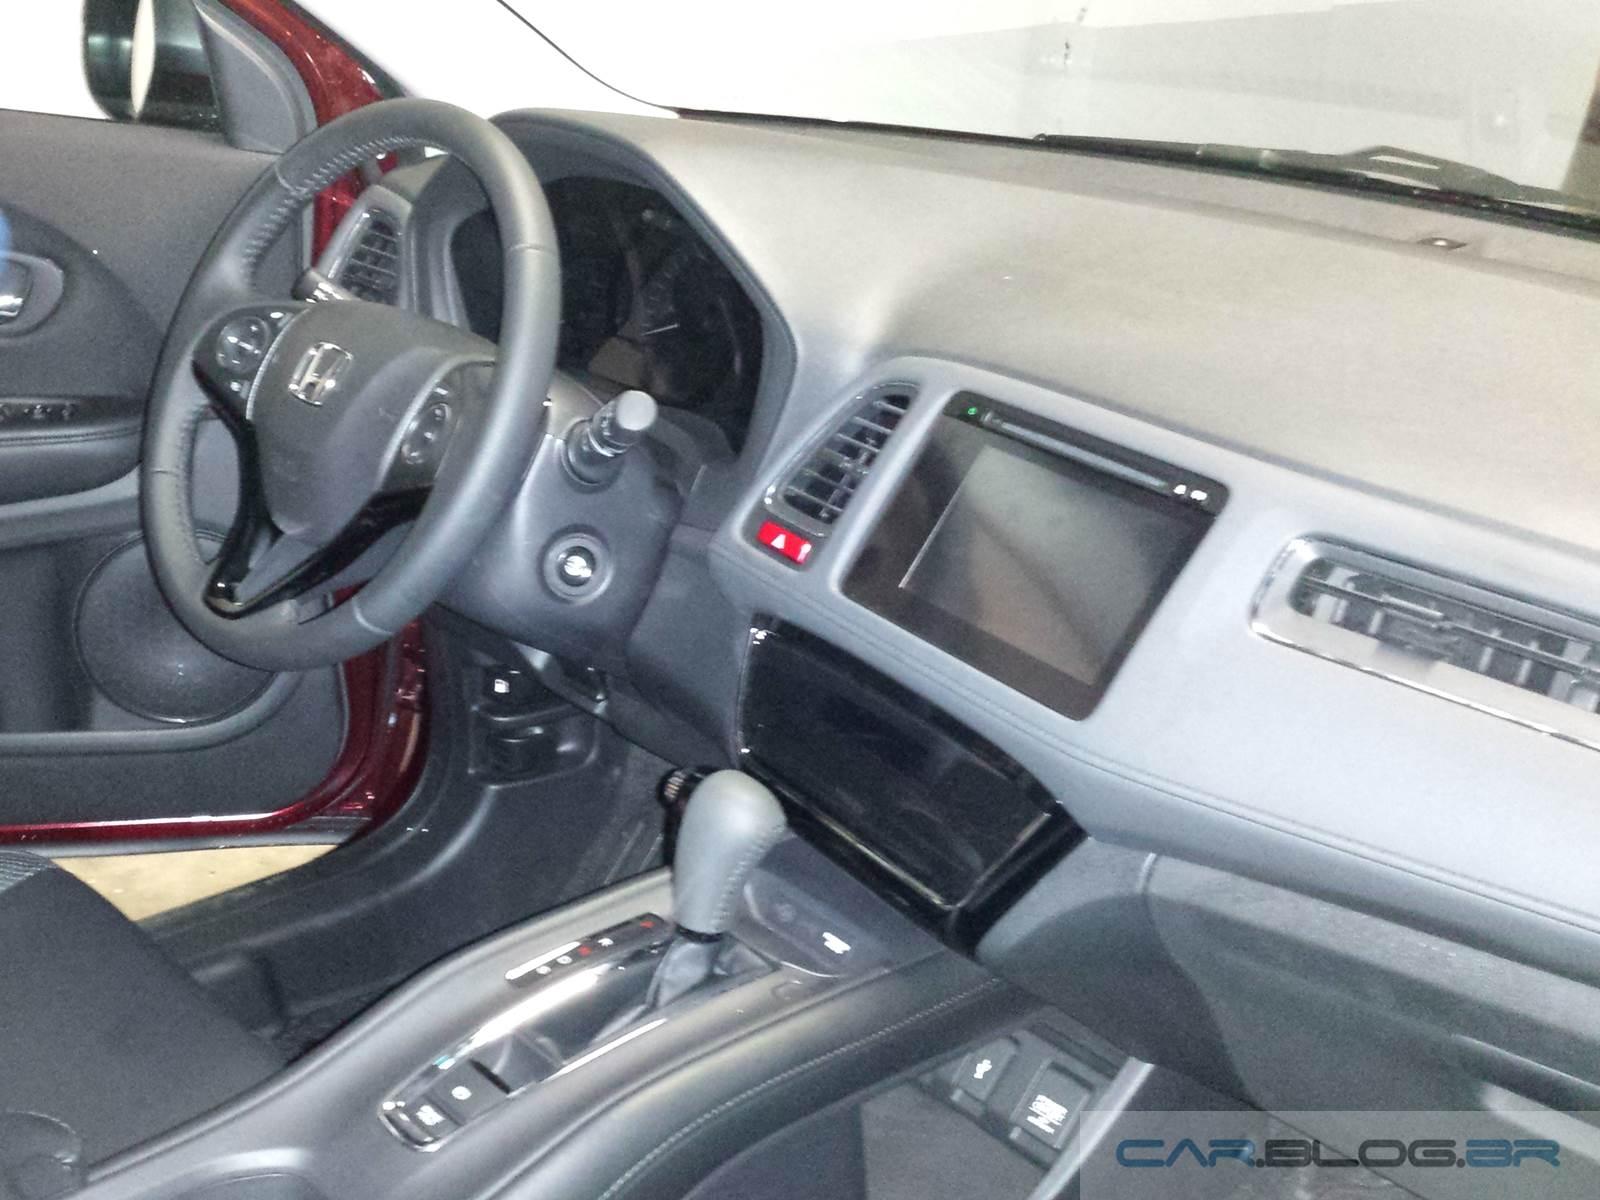 Honda HR-V EXL Automático - interior